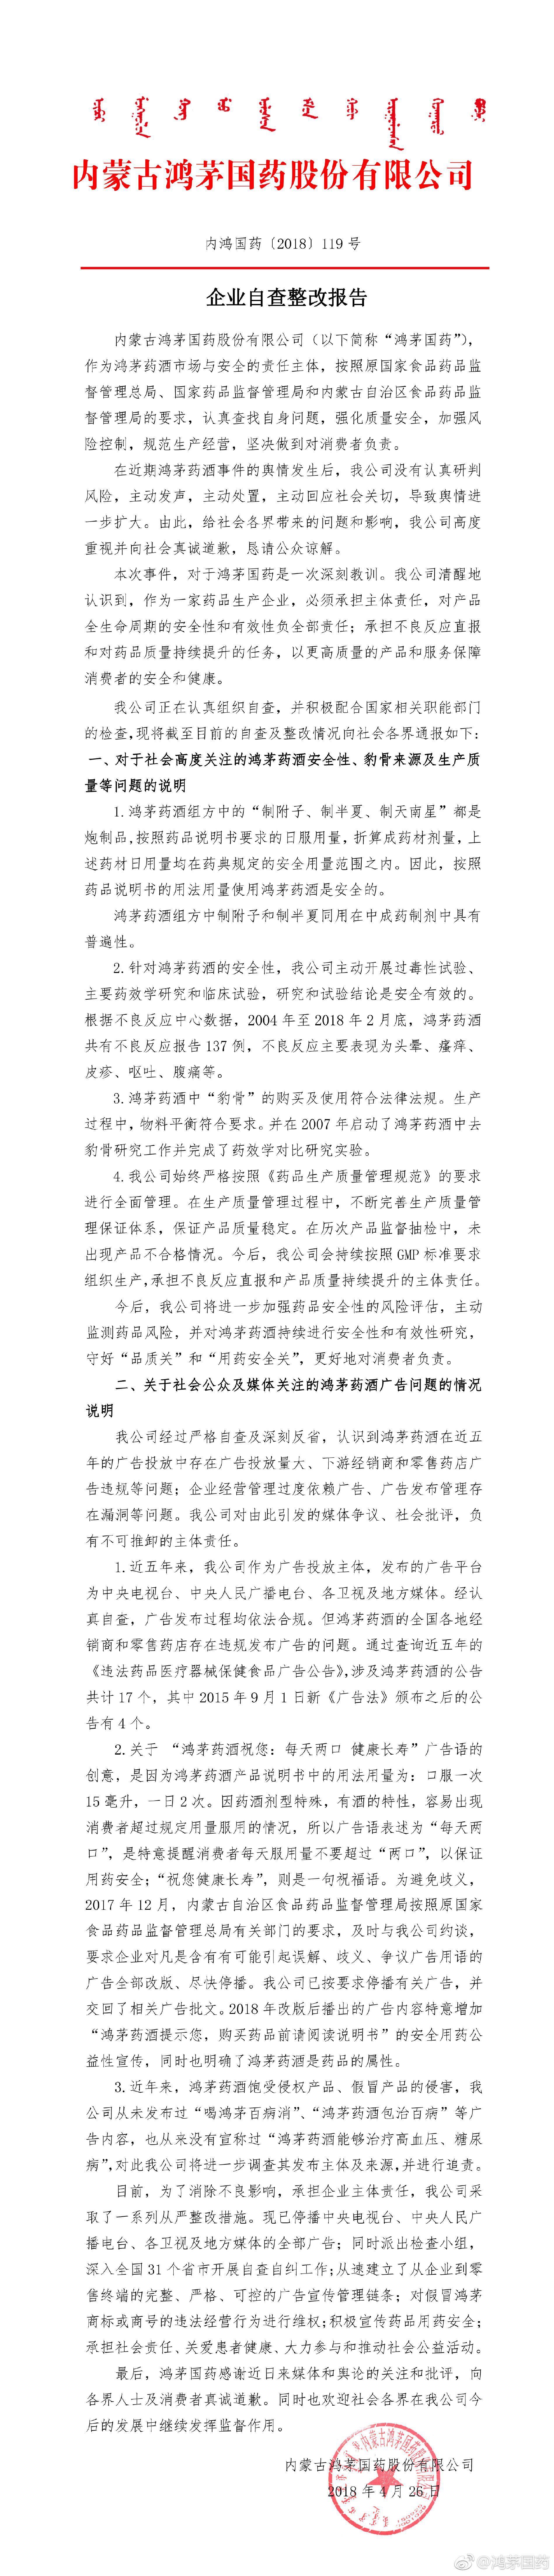 鸿茅药酒公布整改报告:豹骨购买合法 未宣称能治高血压